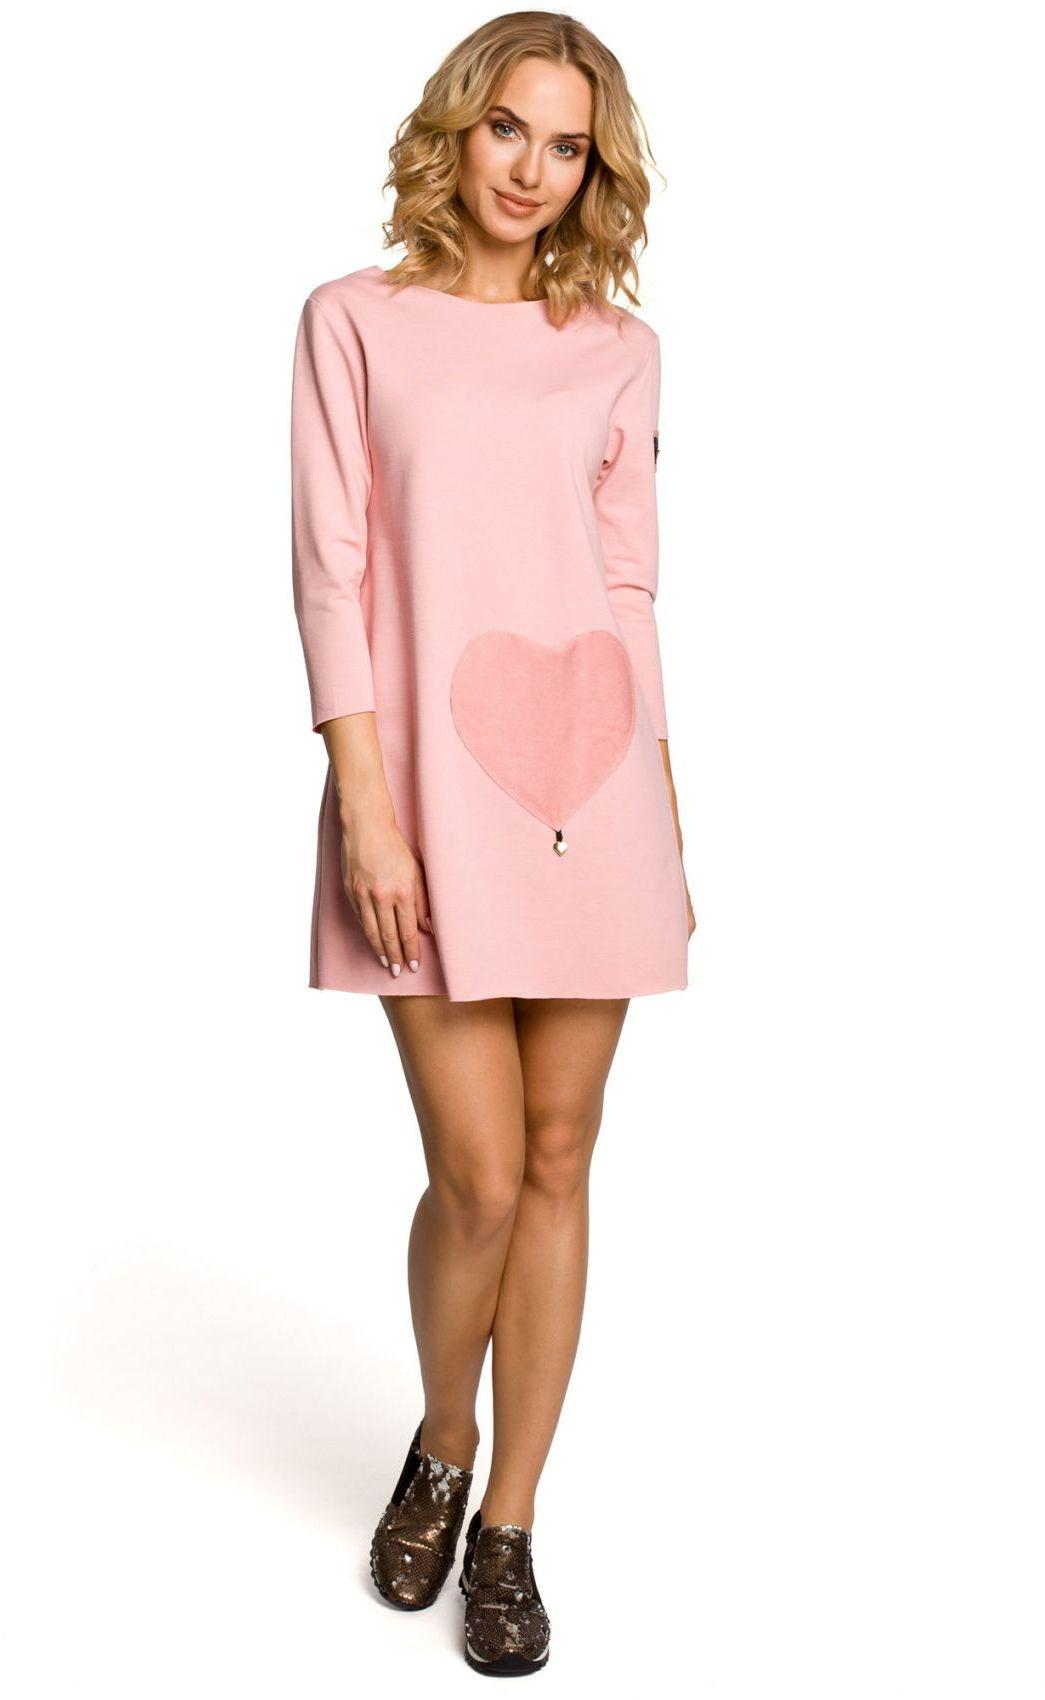 M053 Mini sukienka - tunika z dzianiny - różowa